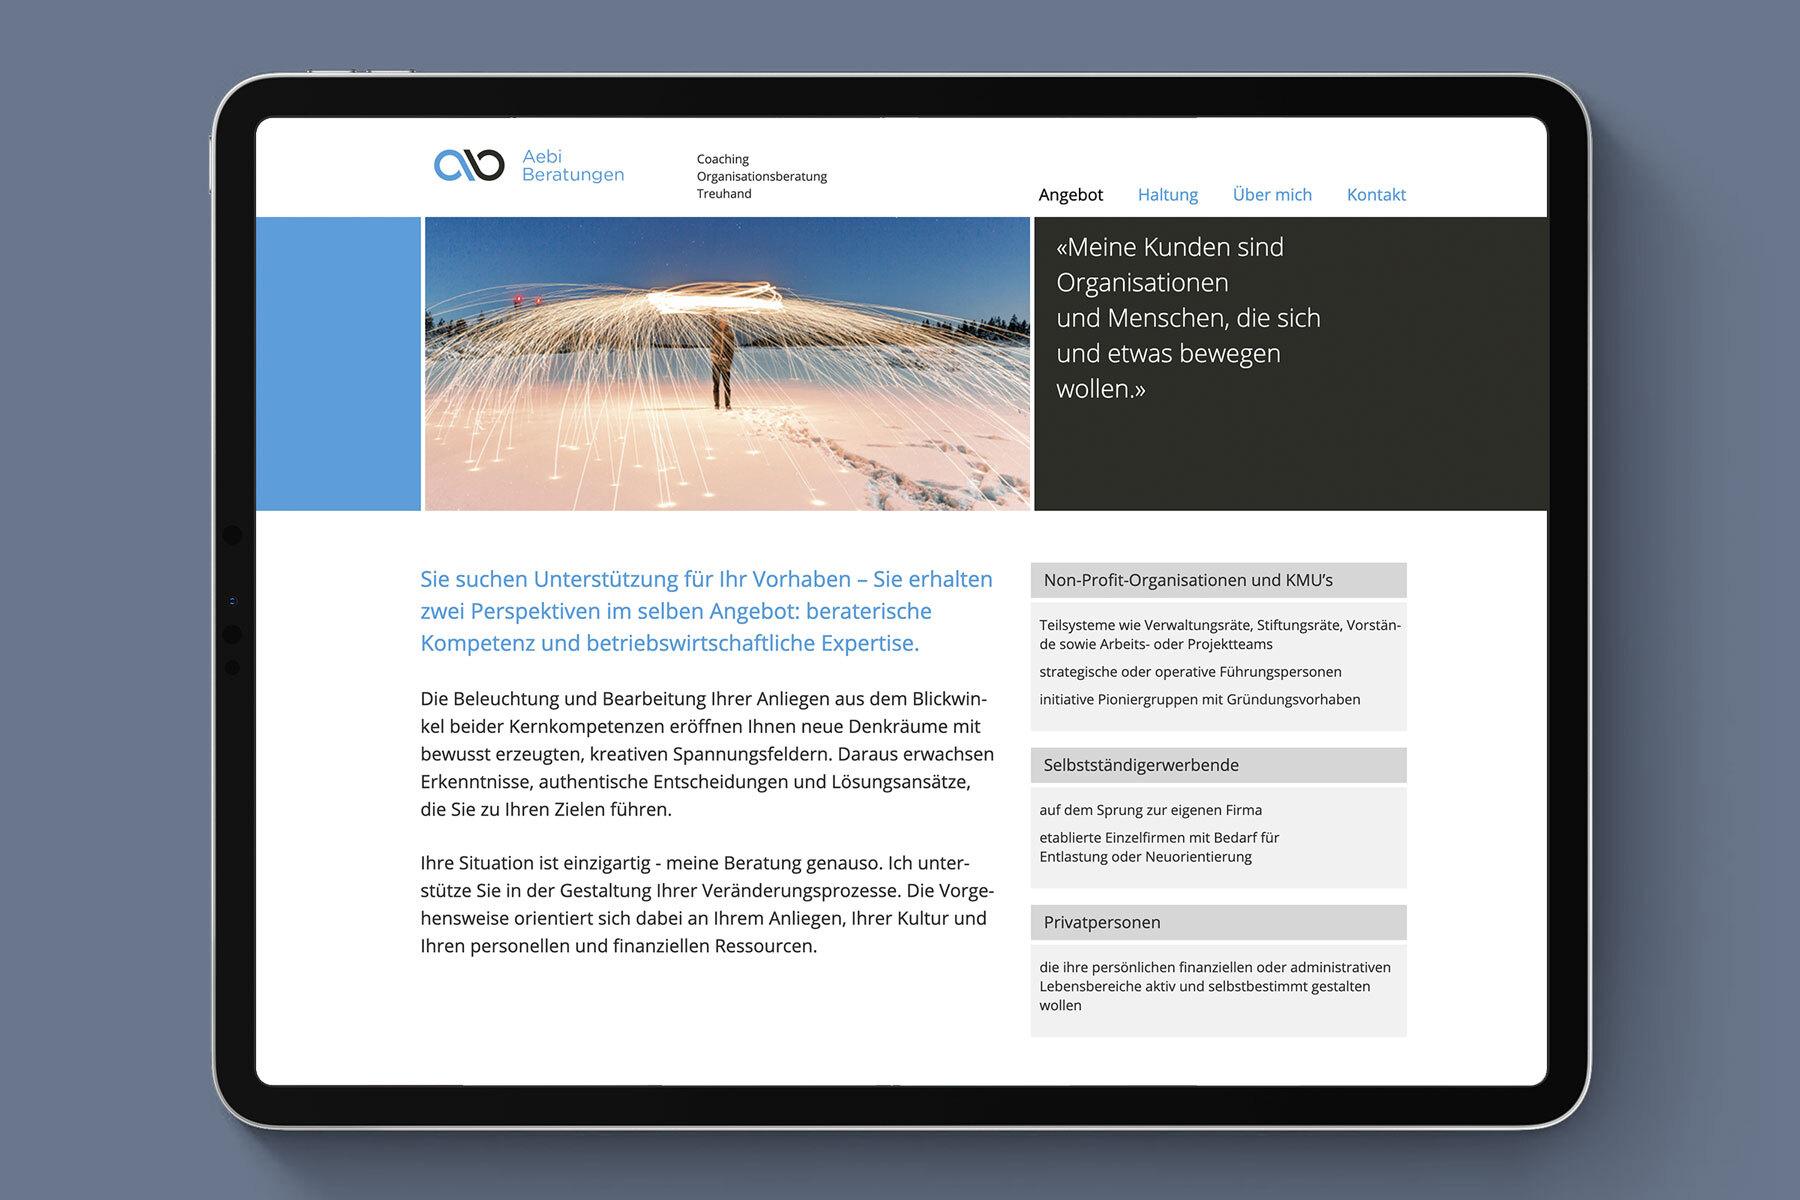 Schweizer Grafik Aebi Beratungen